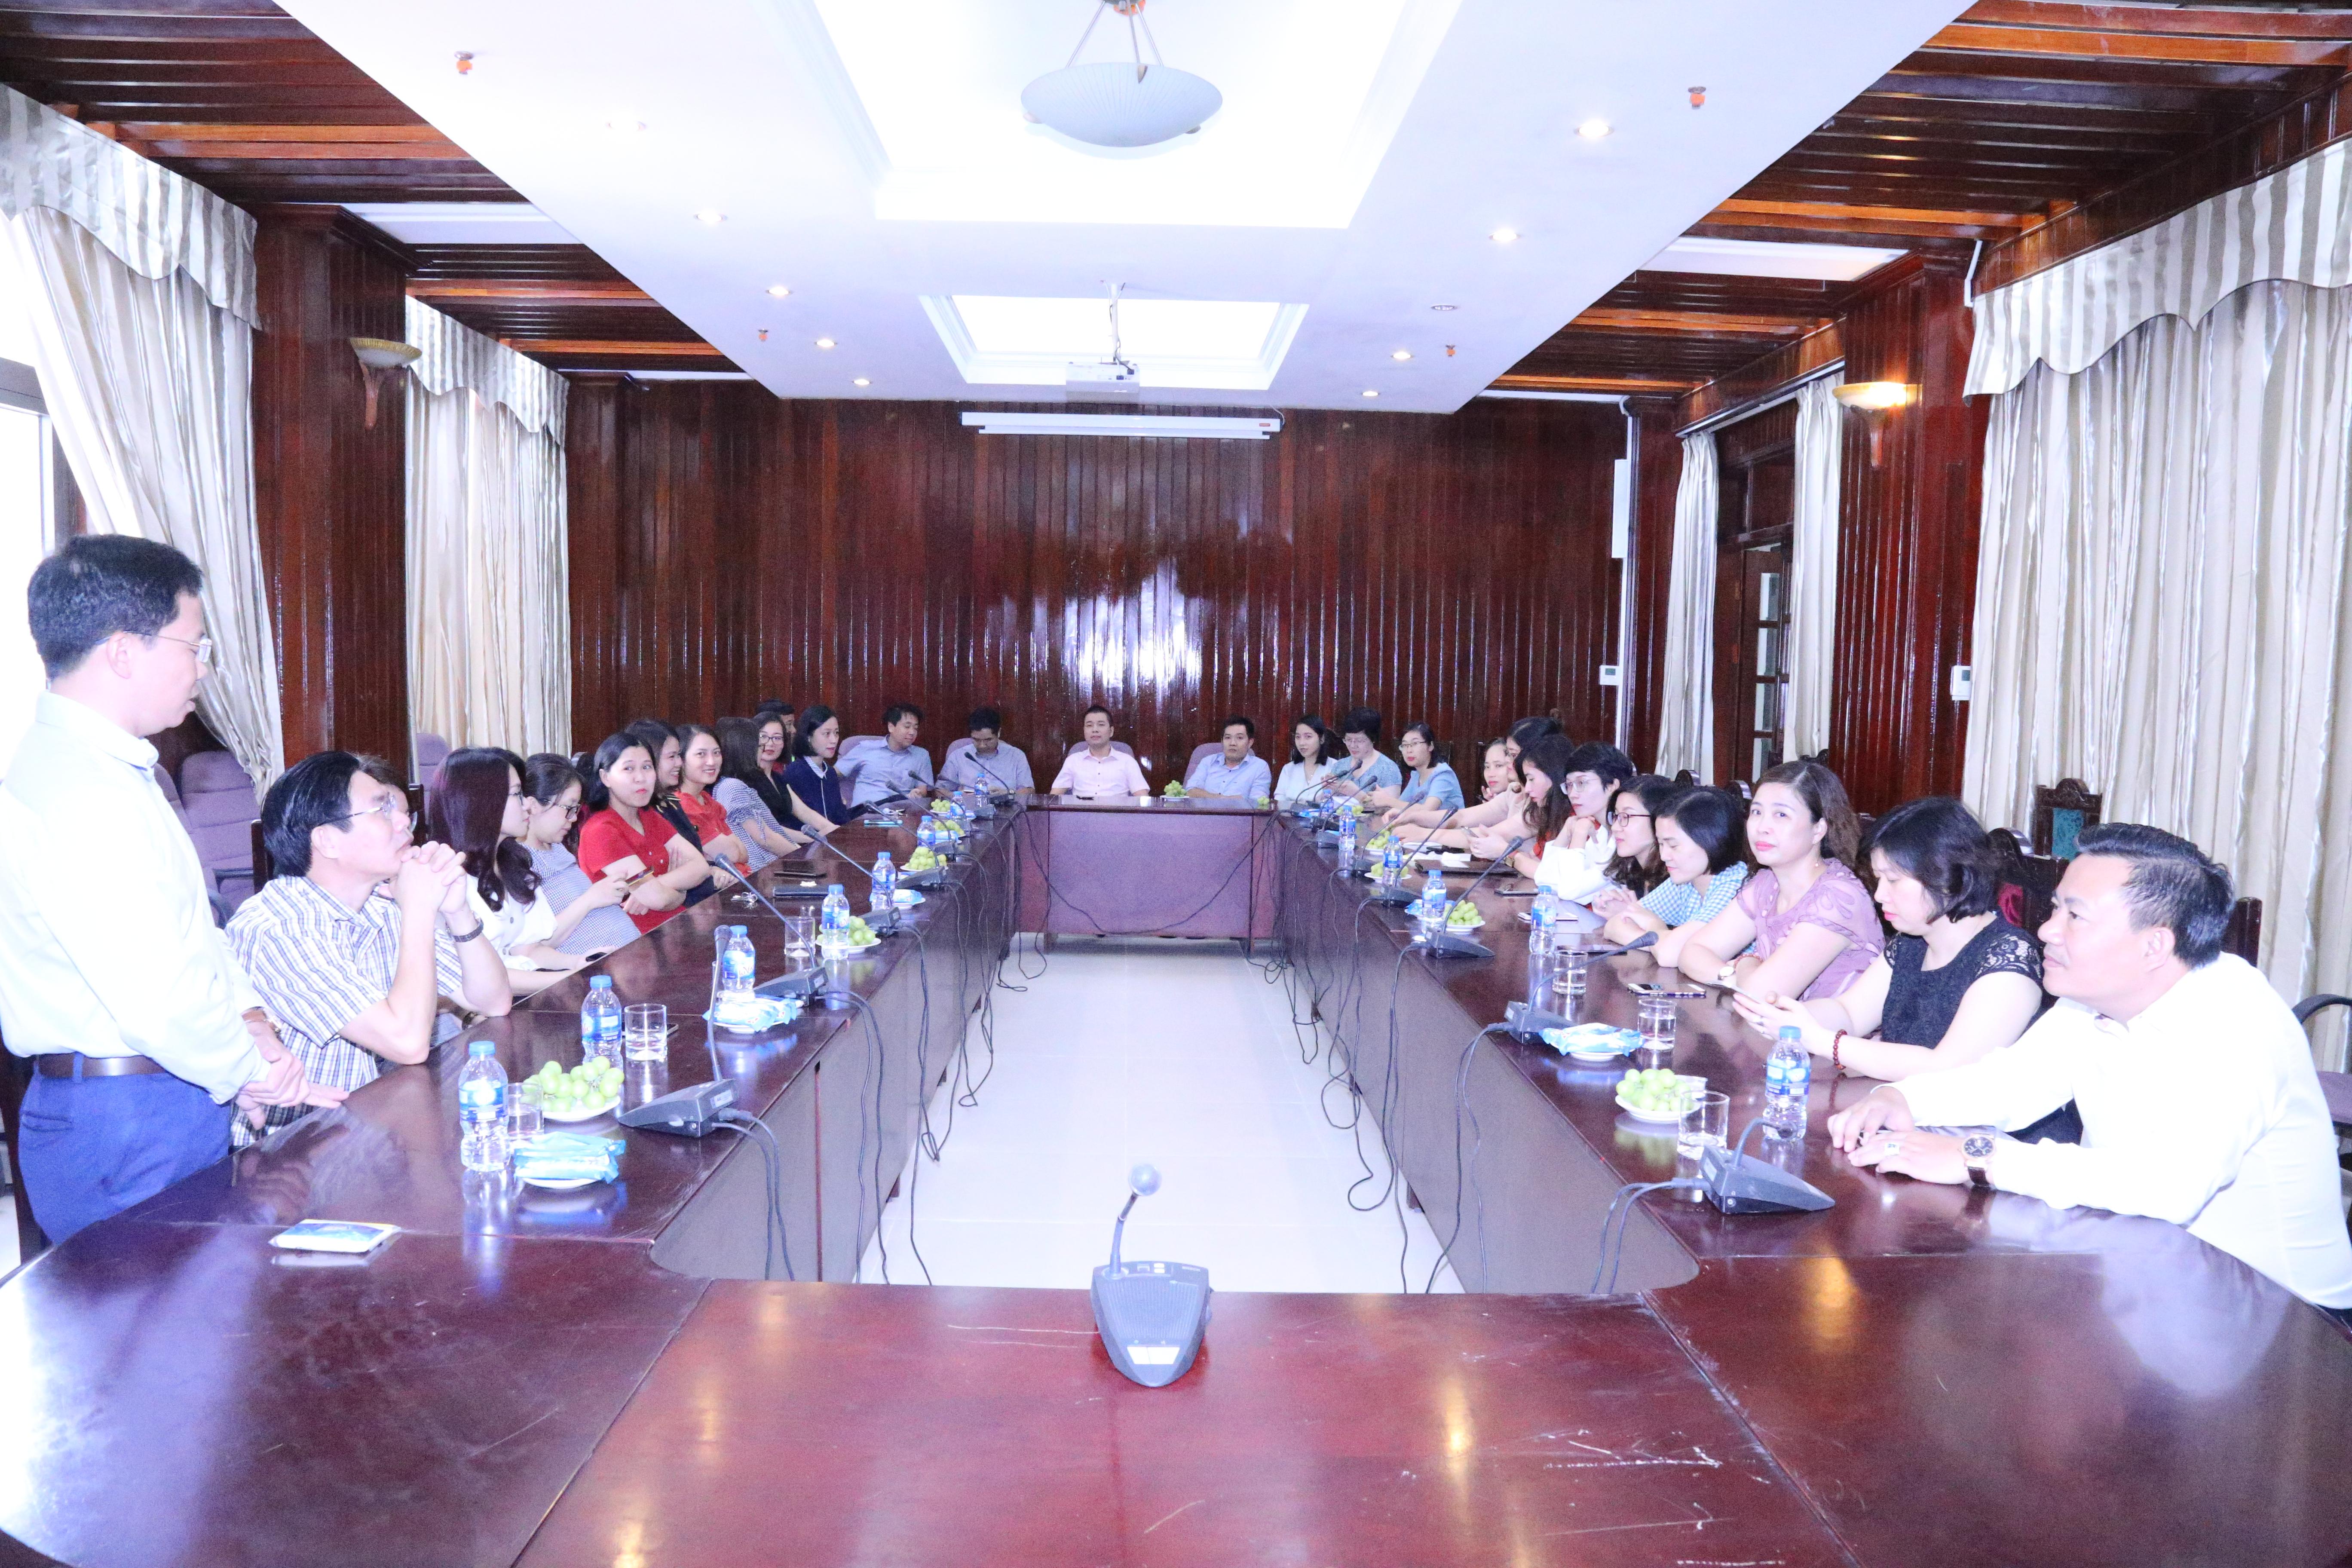 Trường ĐT&BD nghiệp vụ kiểm toán đã tổ chức buổi gặp mặt chào mừng kỷ niệm 89 năm Ngày Phụ nữ Việt Nam